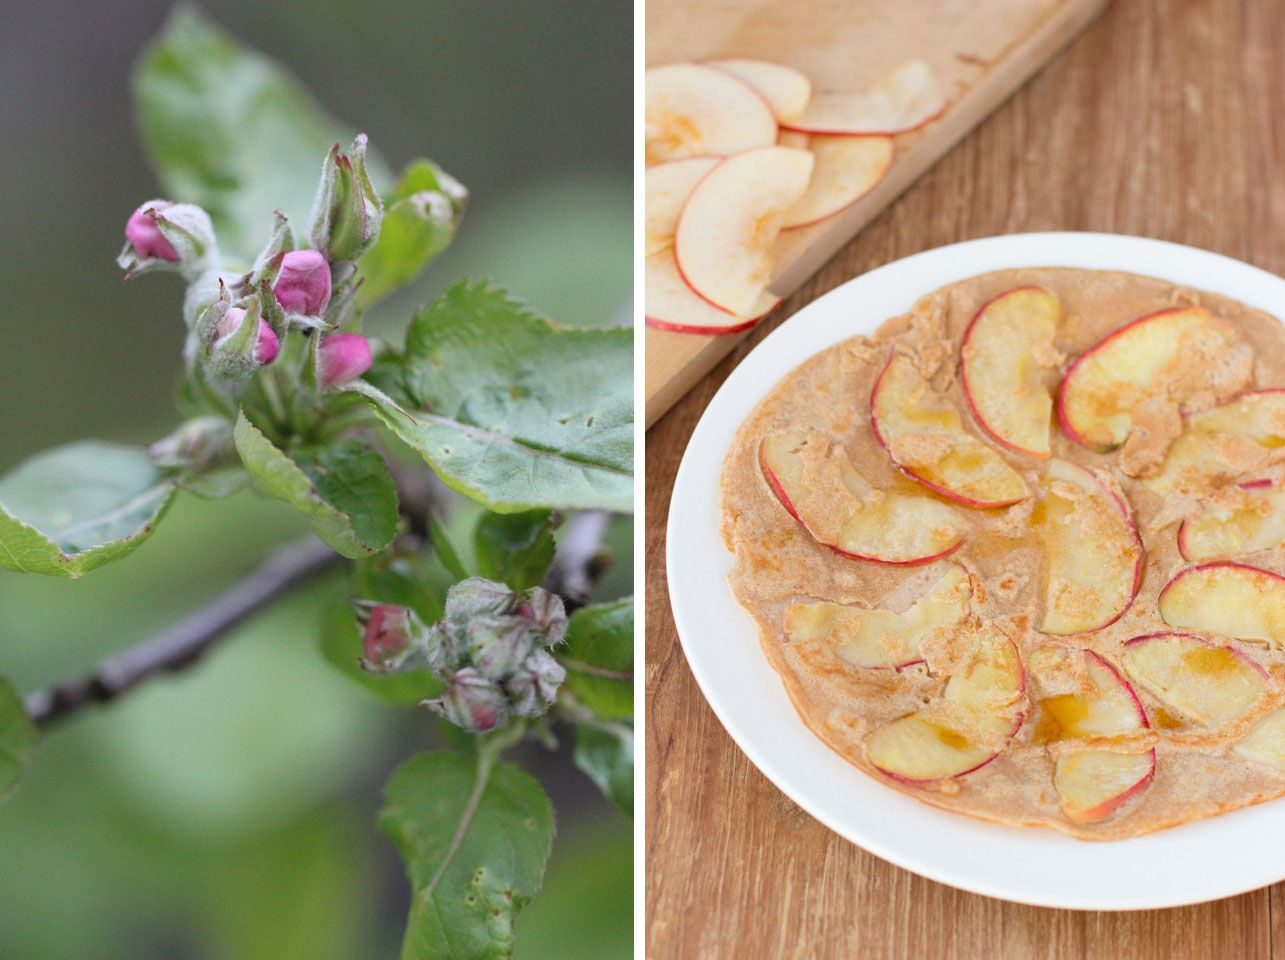 Apfelpfannkuchen aus Kokosmehl | food in 2018 | Pinterest ...